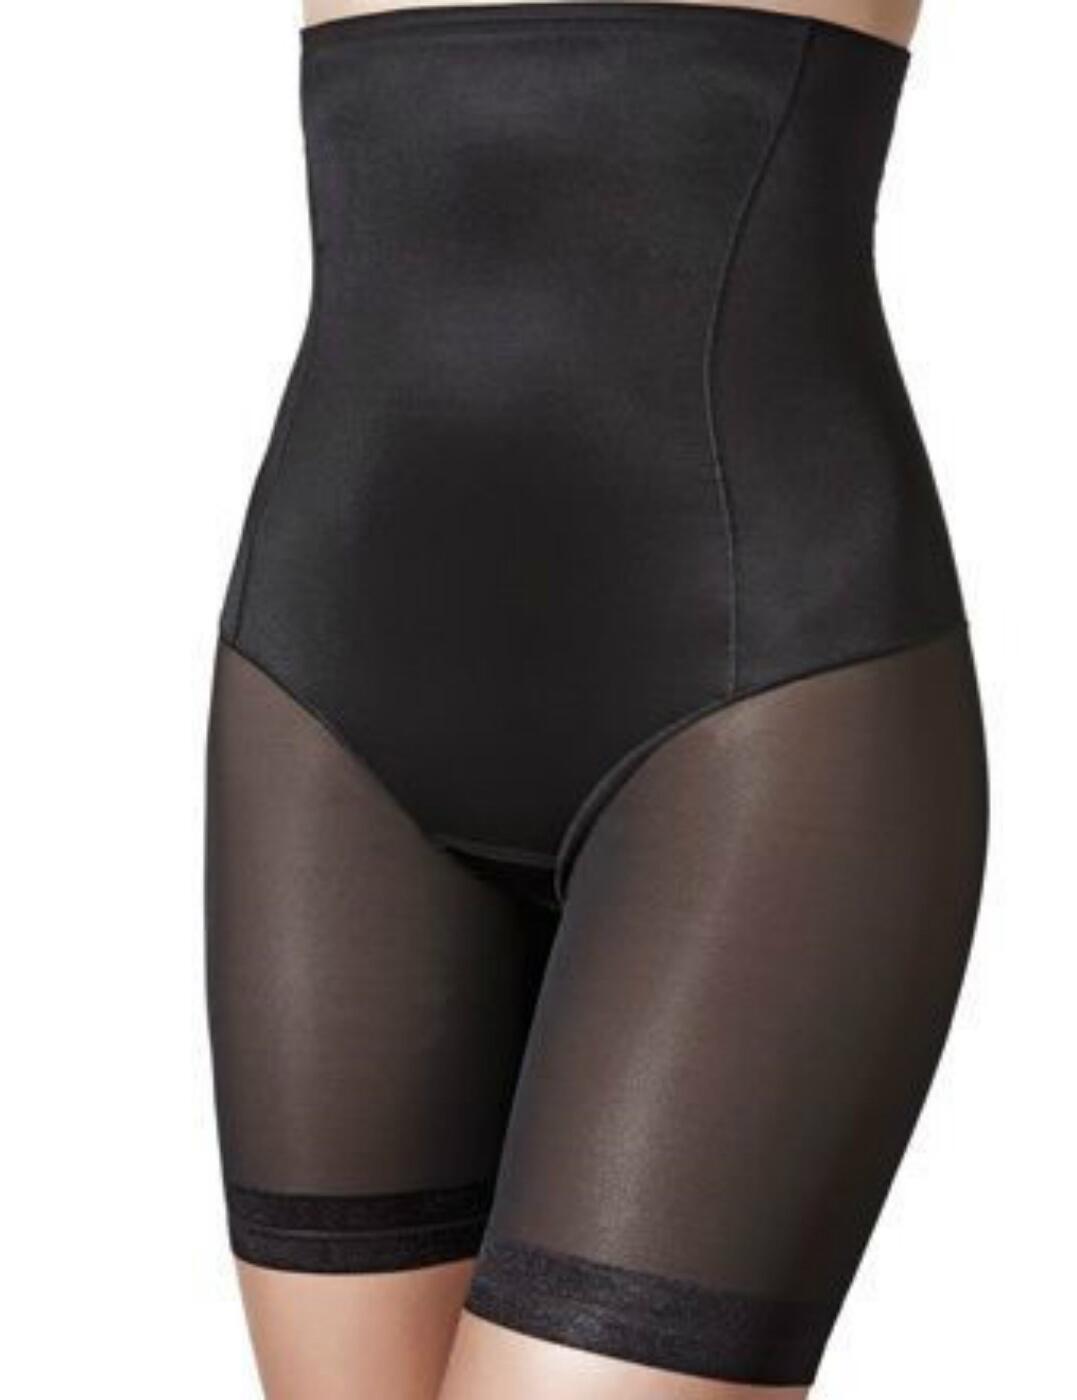 1031399 Janira Culotte Silhouette Secrets Control  - 1031399 Black